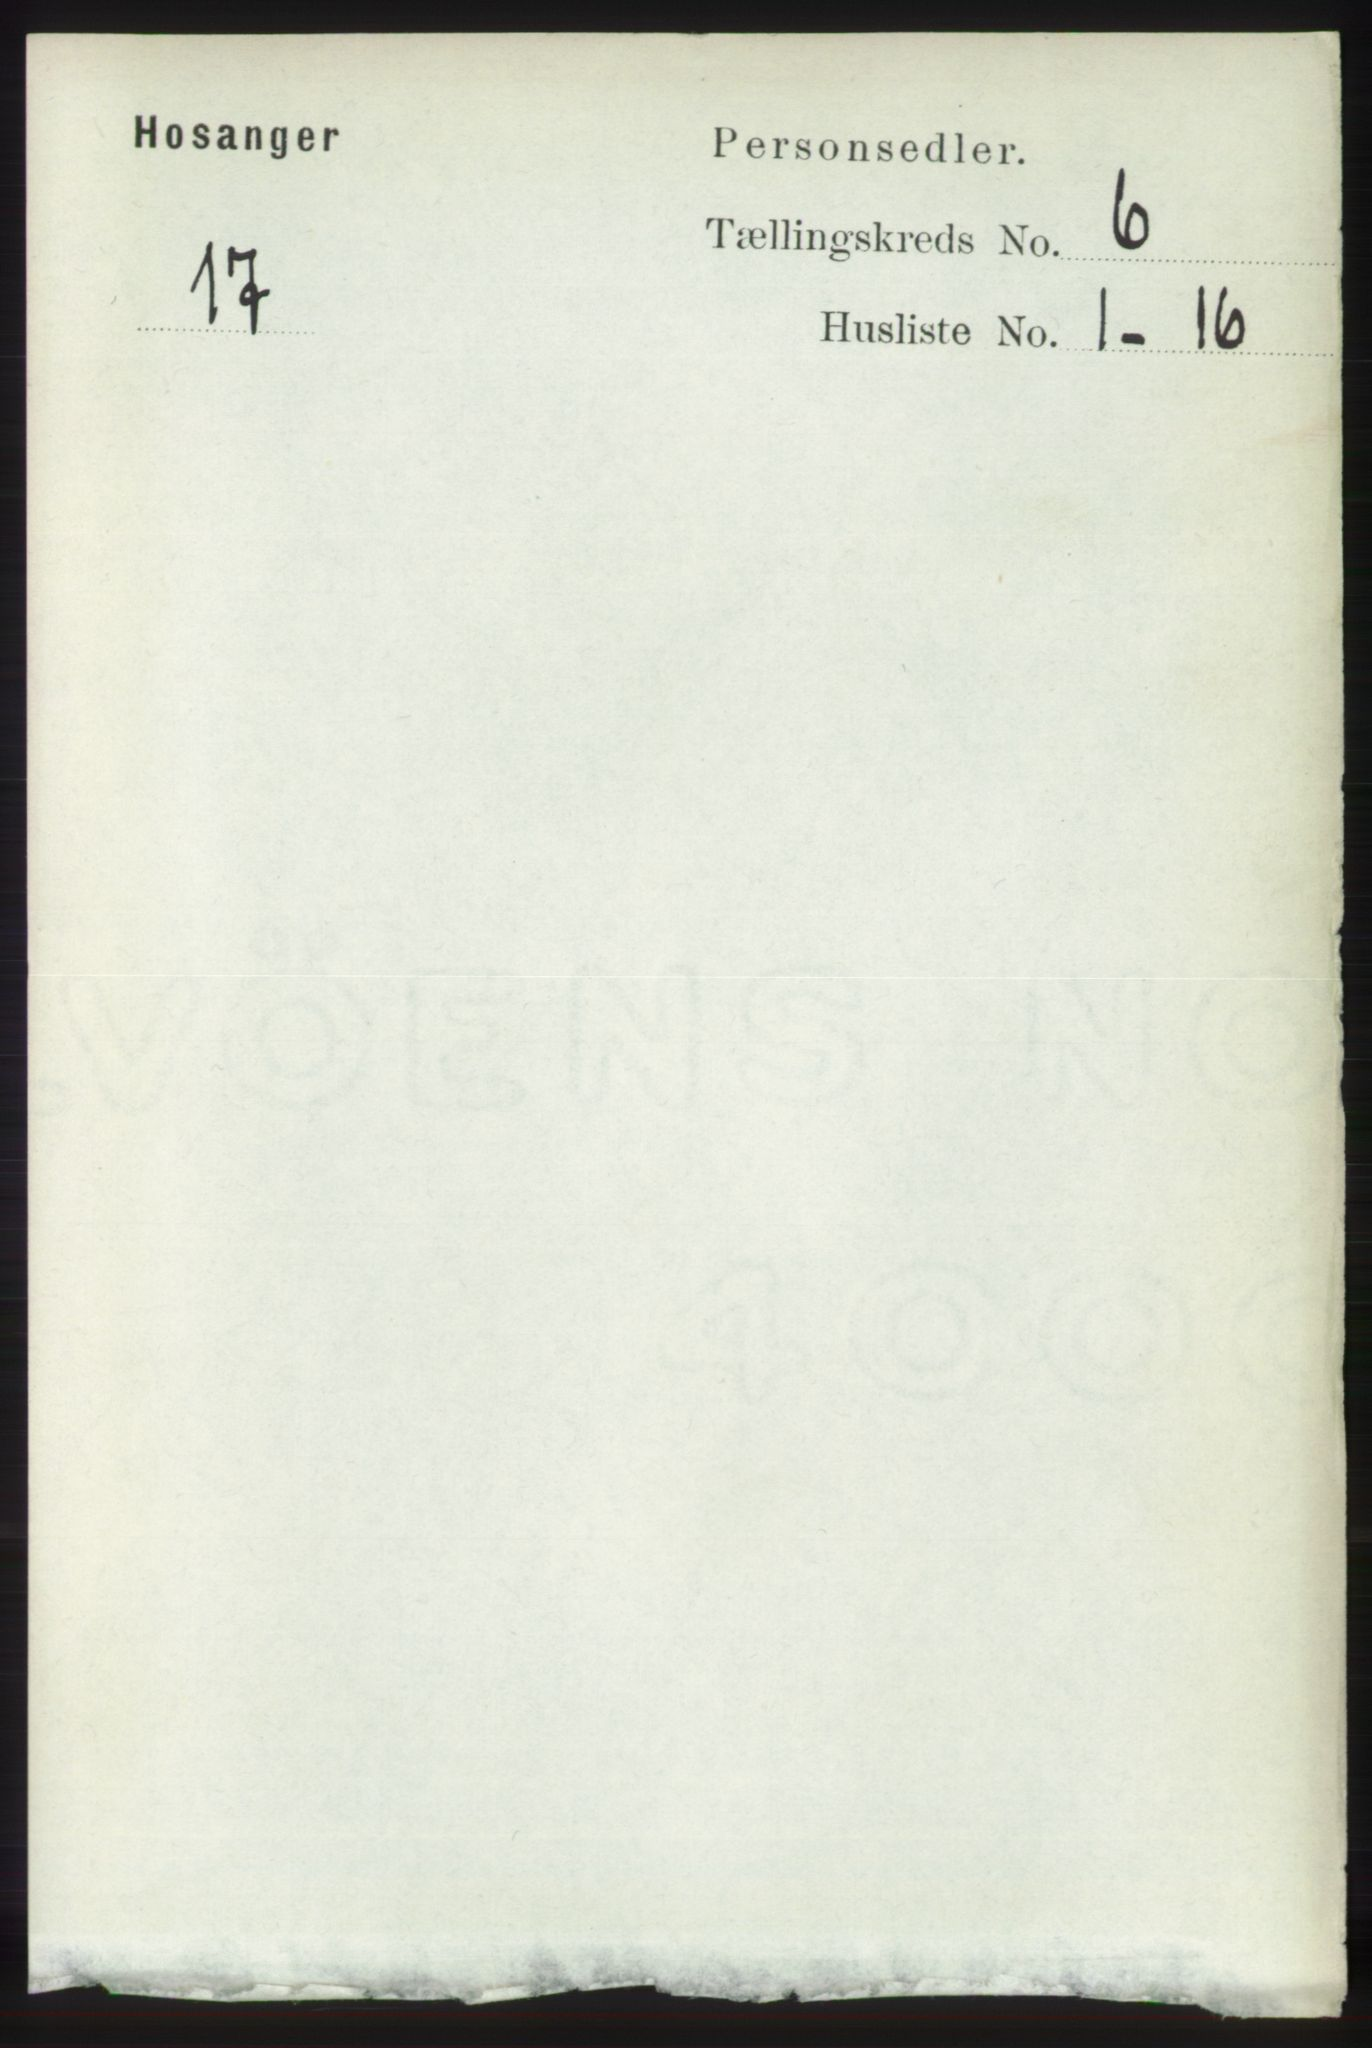 RA, Folketelling 1891 for 1253 Hosanger herred, 1891, s. 2137